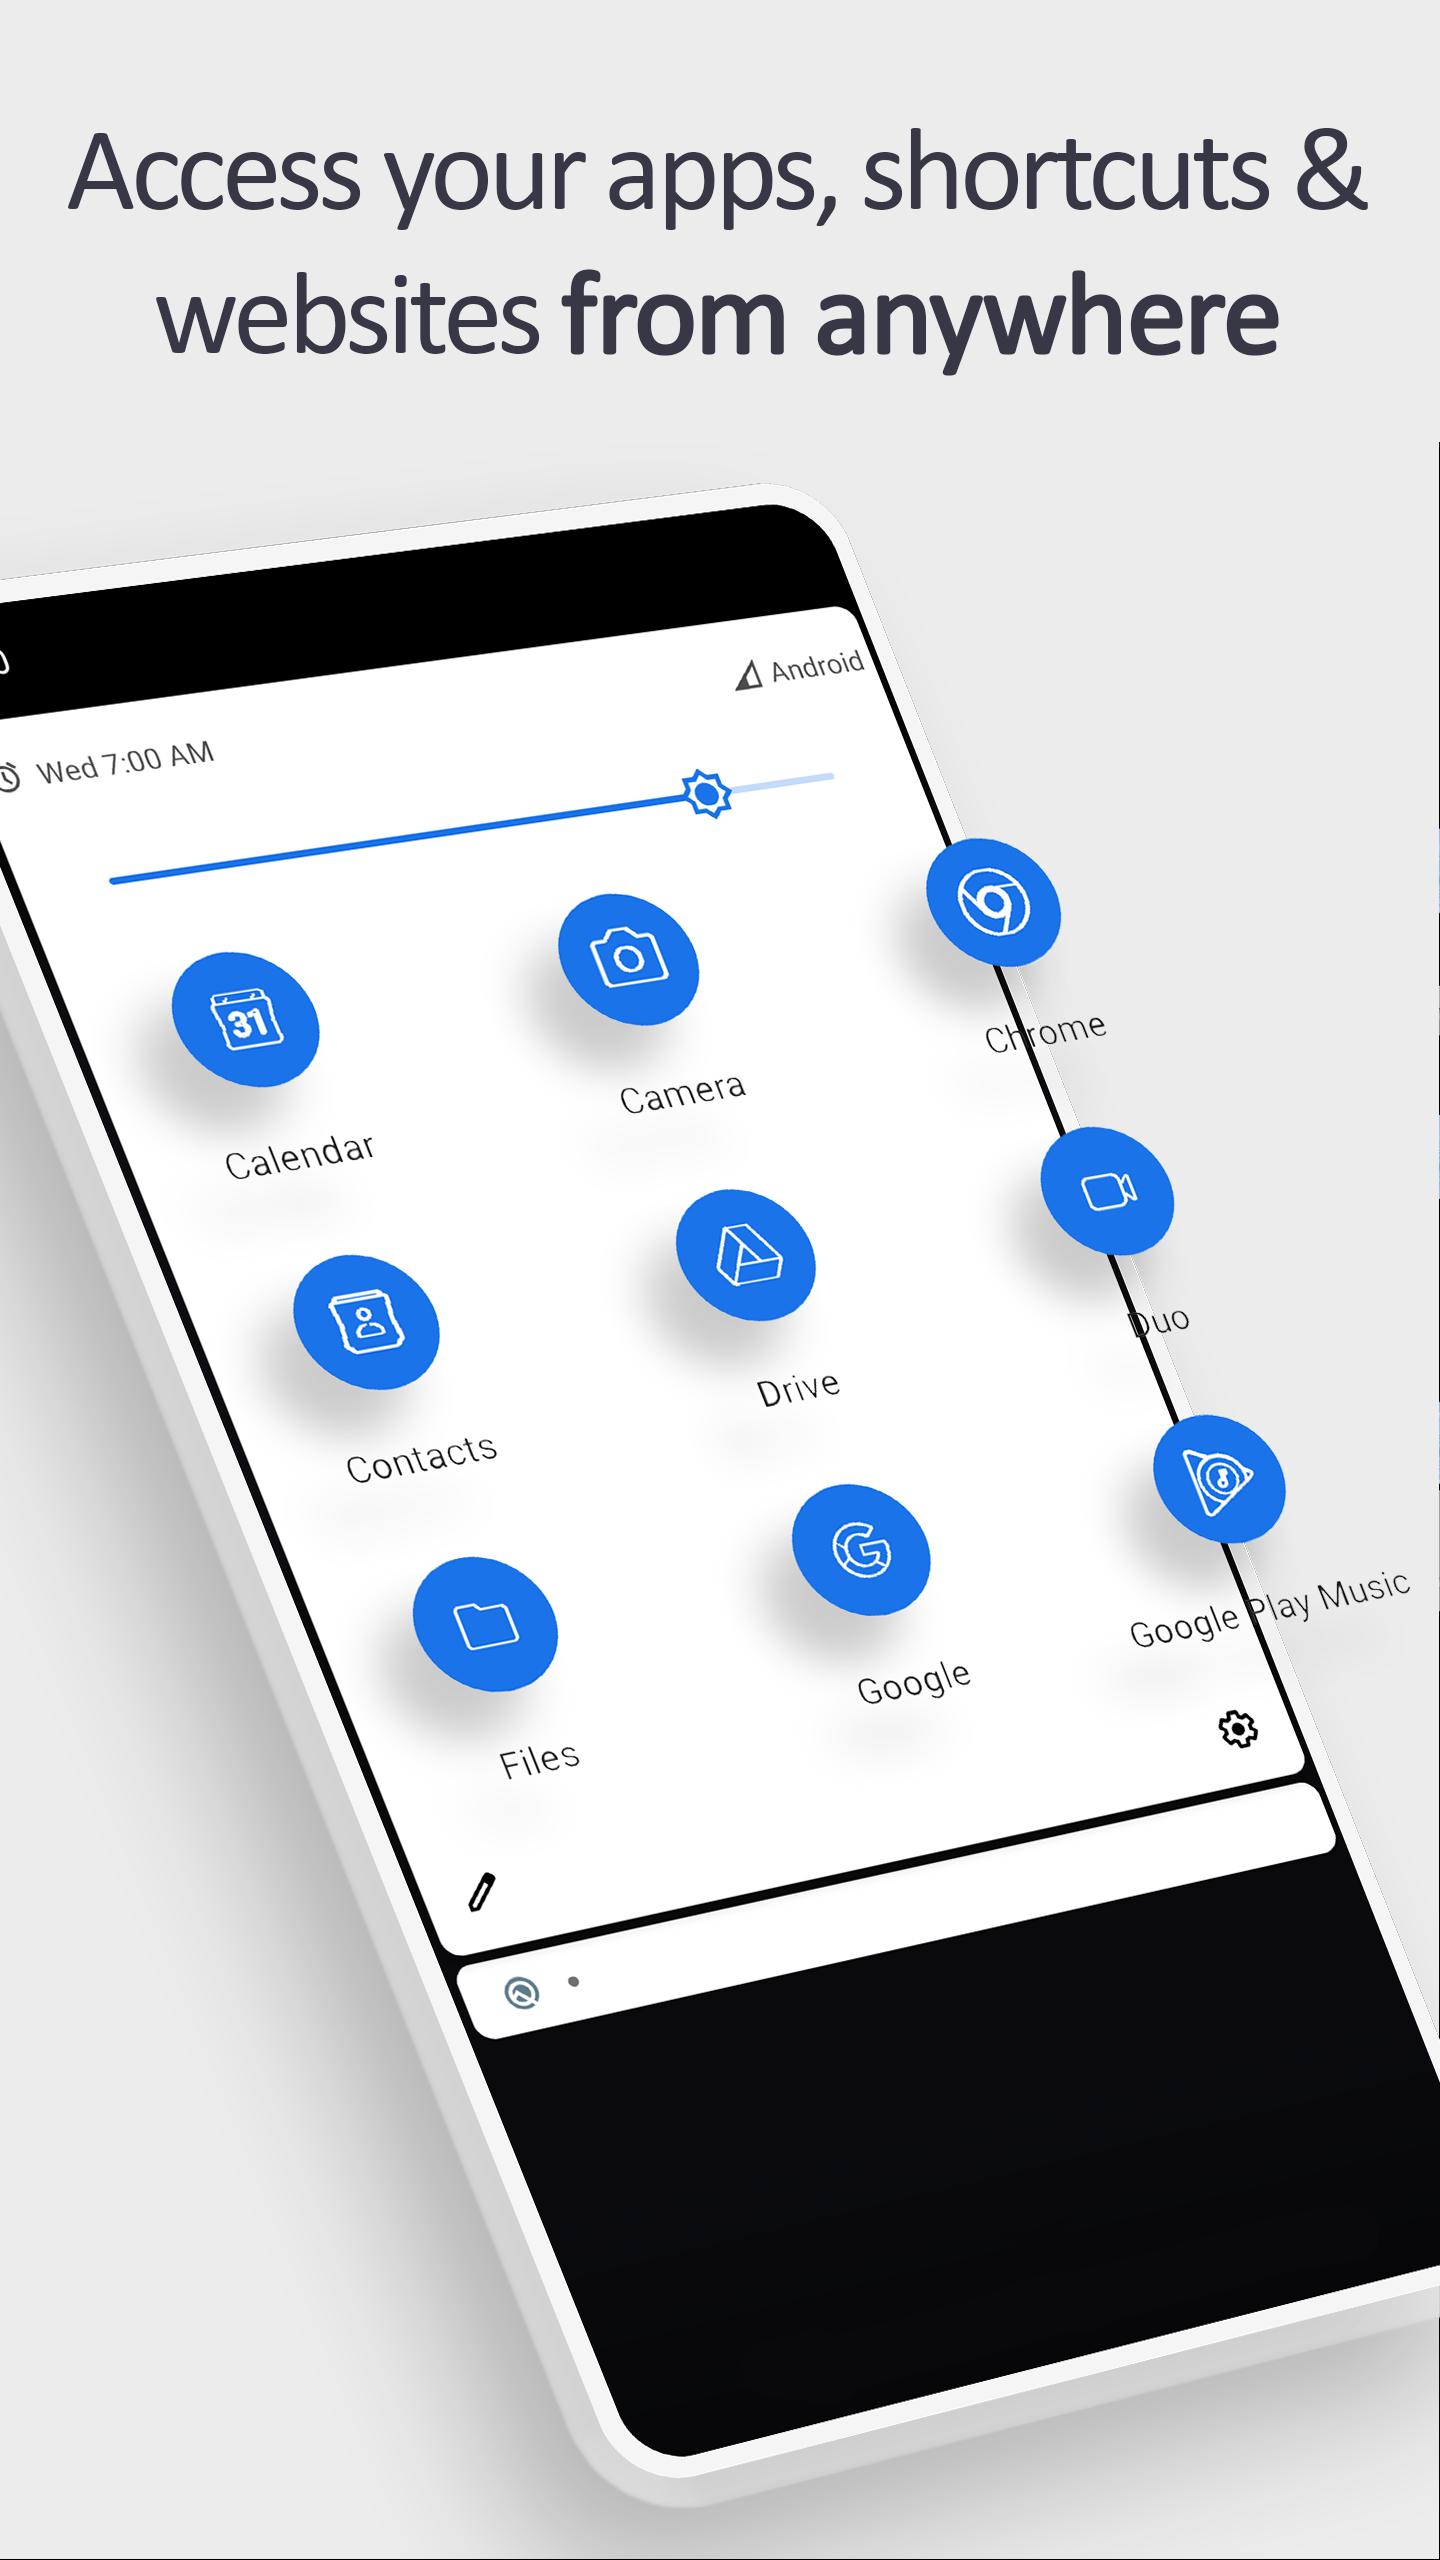 Tile Shortcuts : تطبيق جديد لتخصيص لوحة الإعدادات السريعة في أندرويد